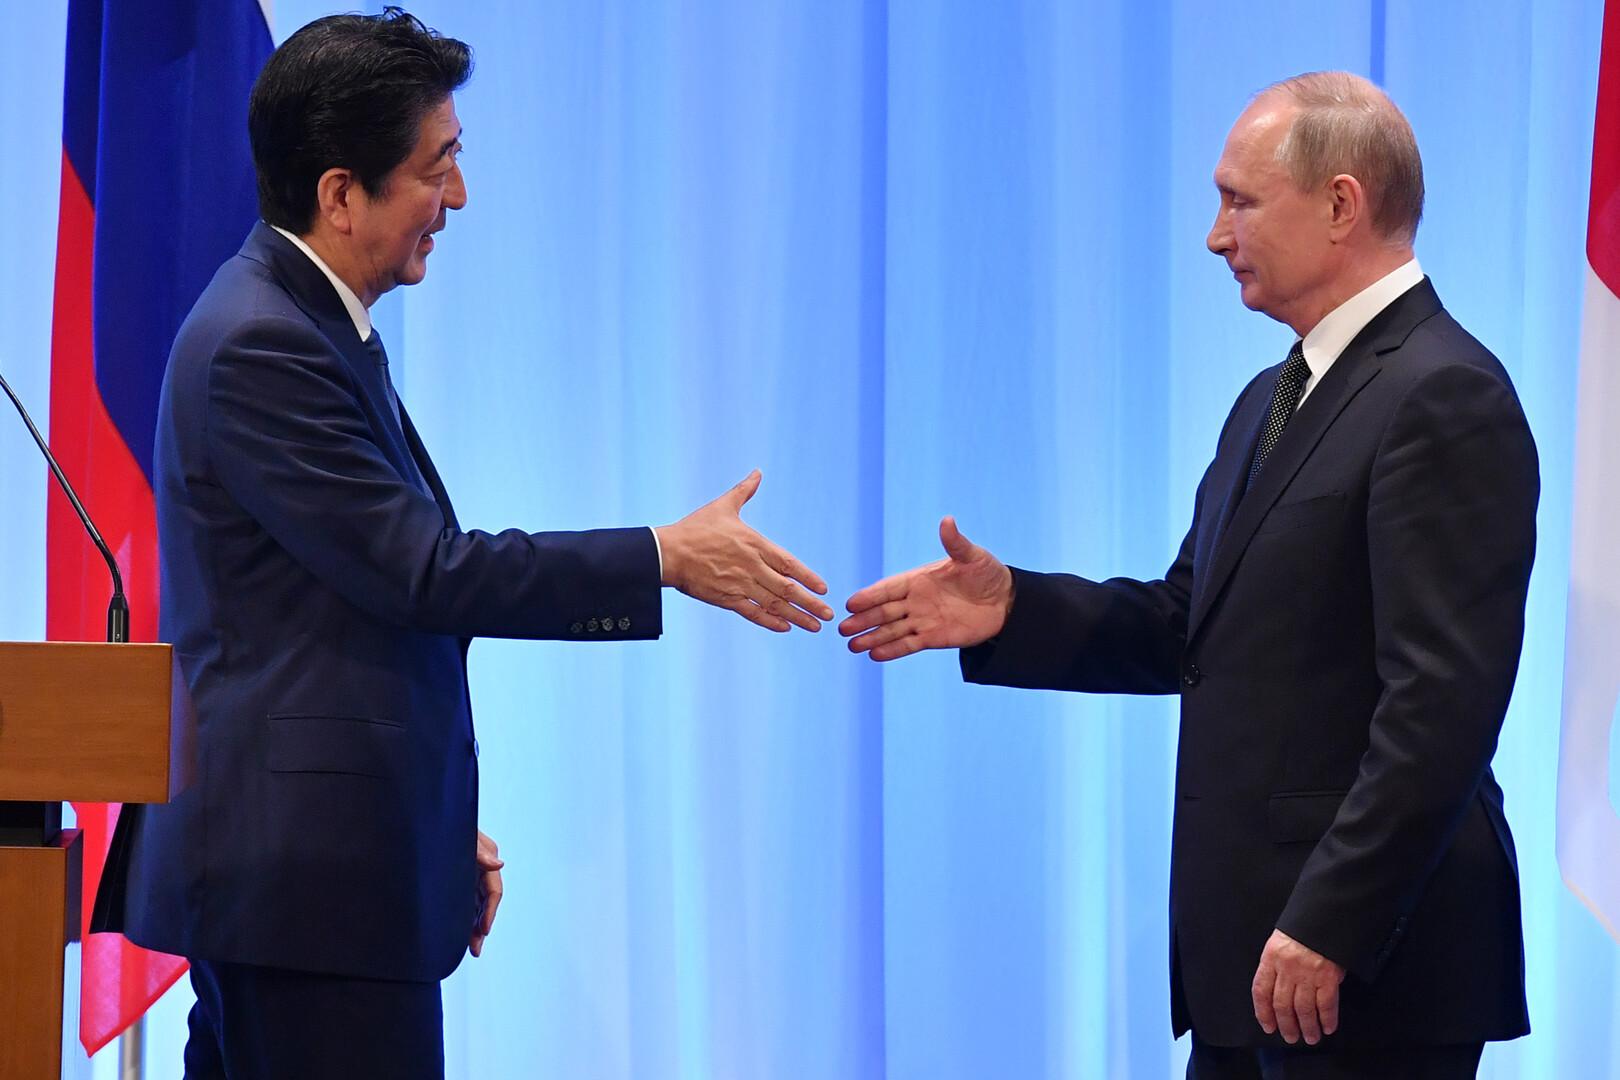 رئيس وزراء اليابان يعتزم لقاء بوتين في منتدى فلاديفوستوك